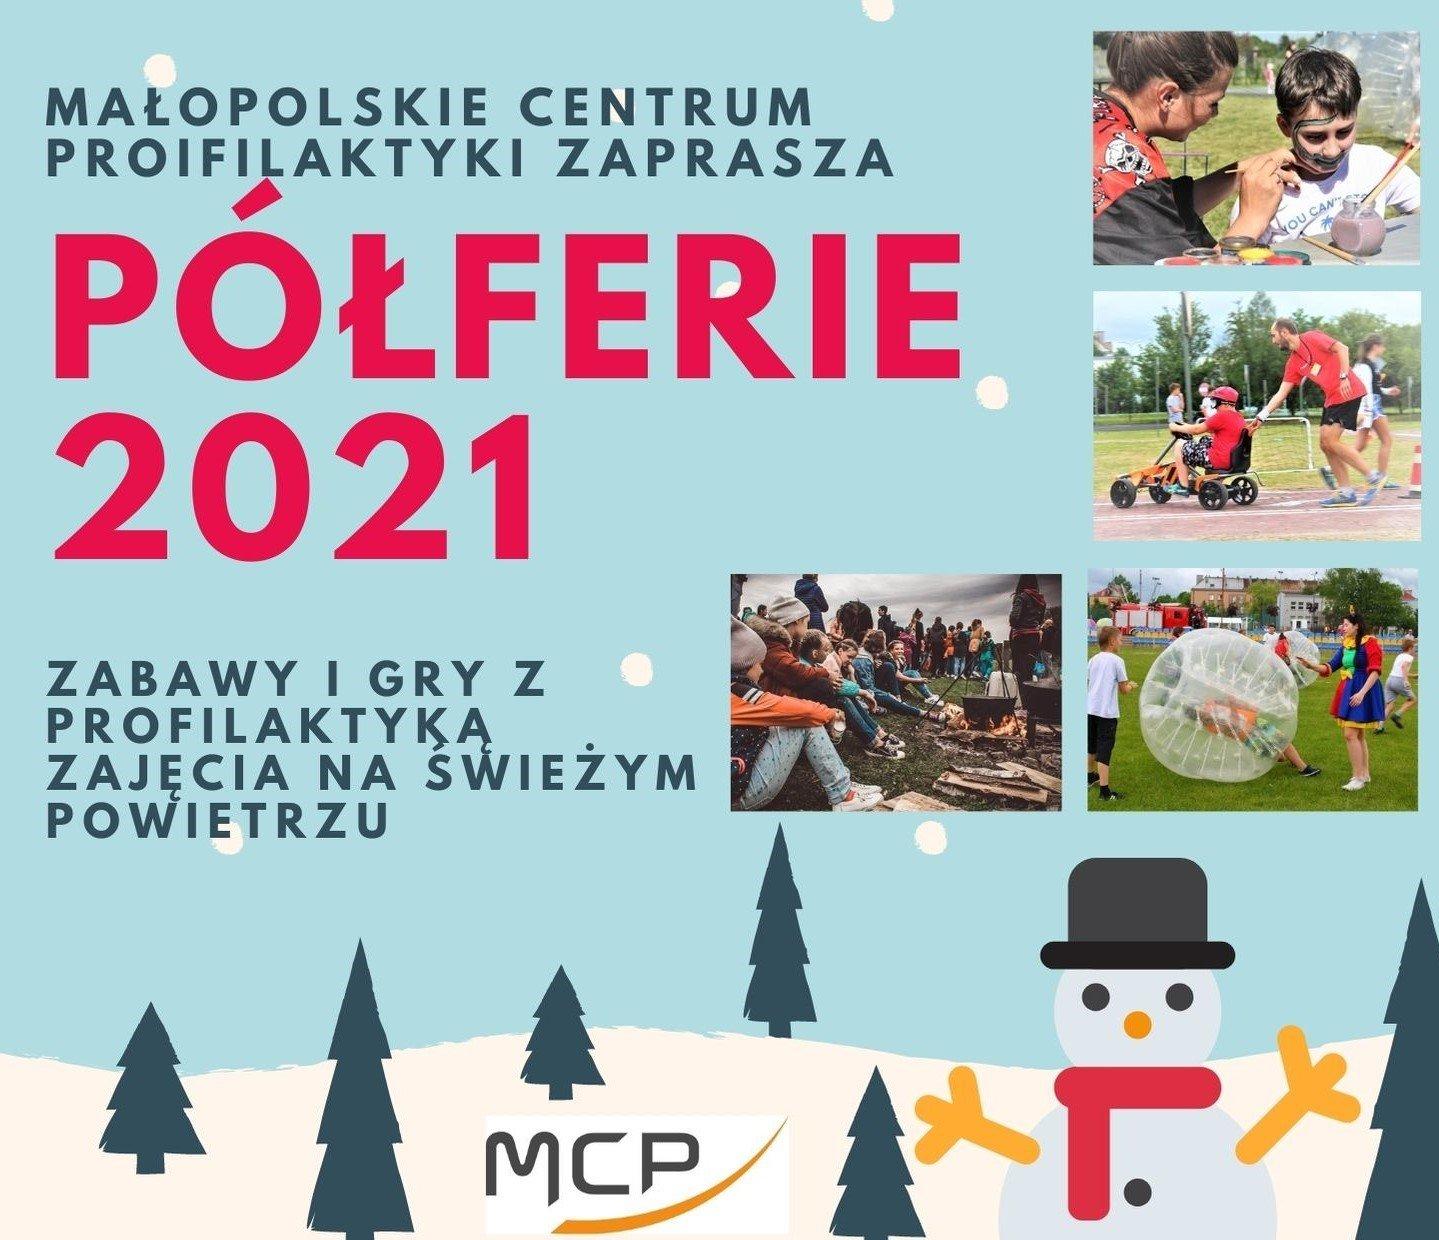 Półferie 2021 - eventy dla dzieci i młodzieży